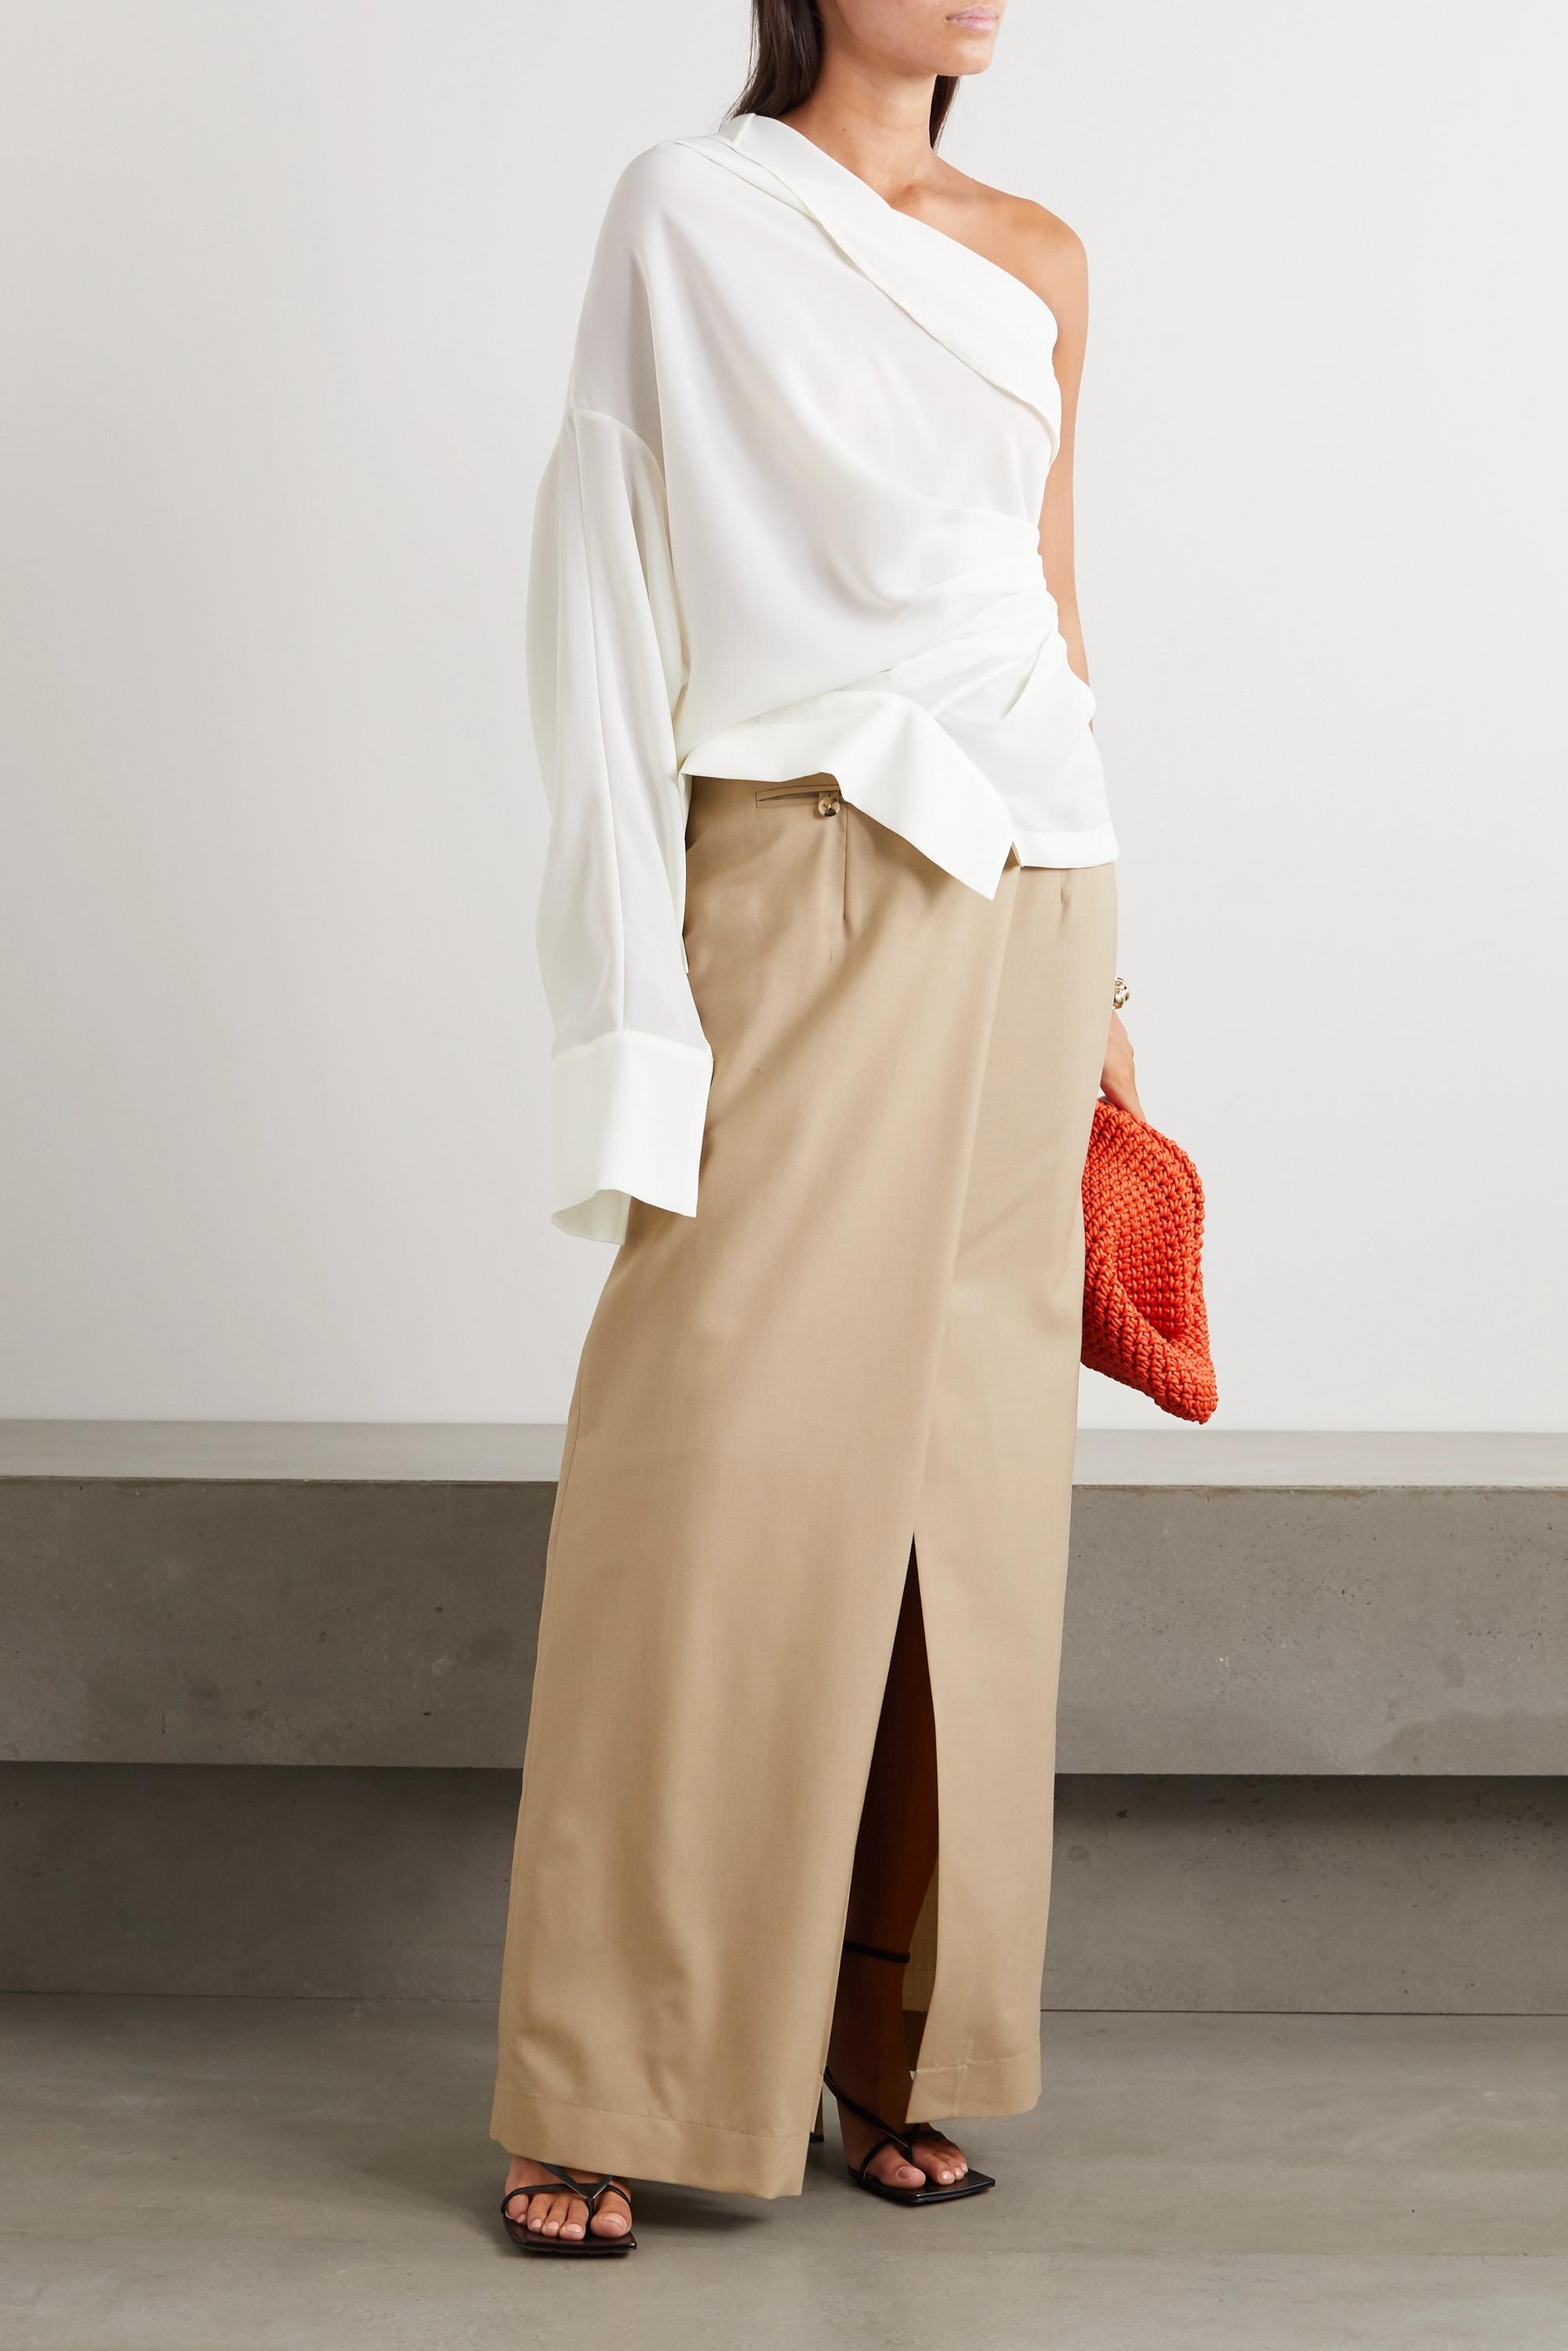 A.W.A.K.E. MODE One-shoulder draped chiffon blouse